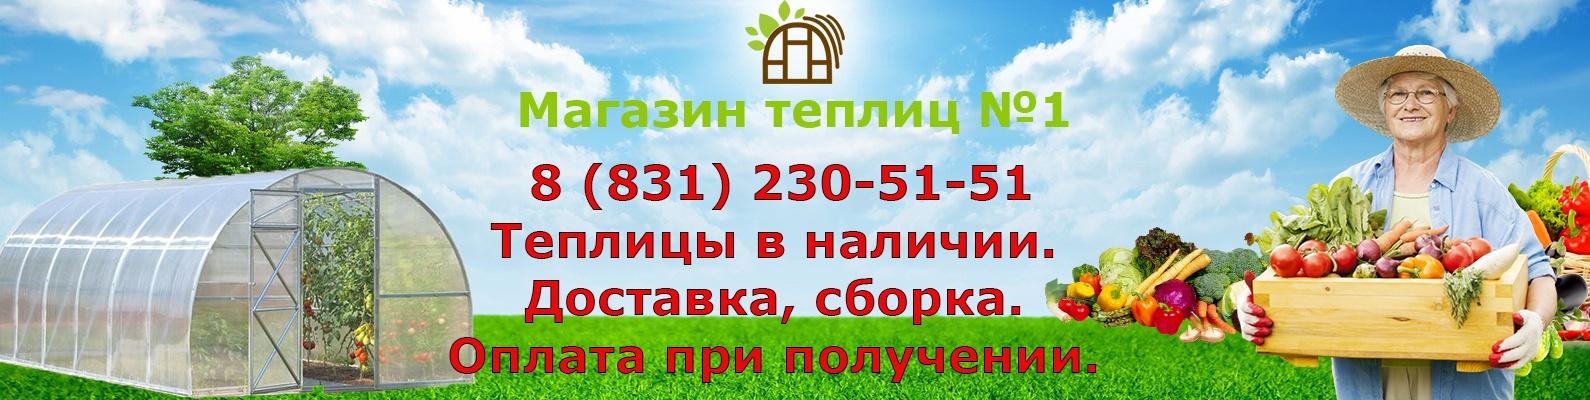 завод теплиц в нижнем новгороде цены